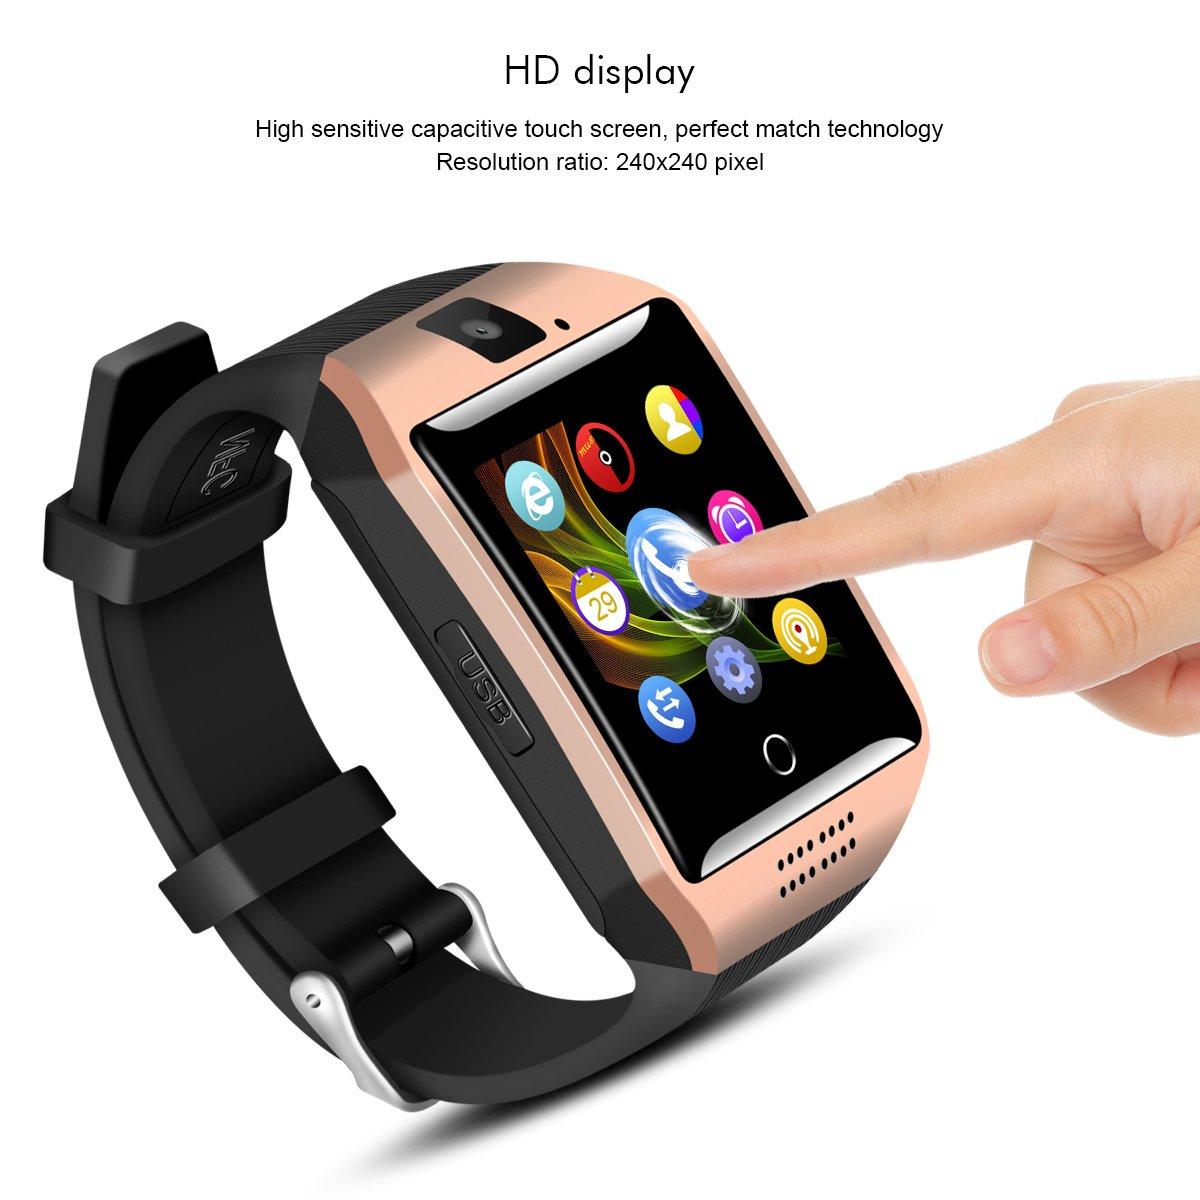 Amazon.com: Padcod - Reloj inteligente con Bluetooth y ...